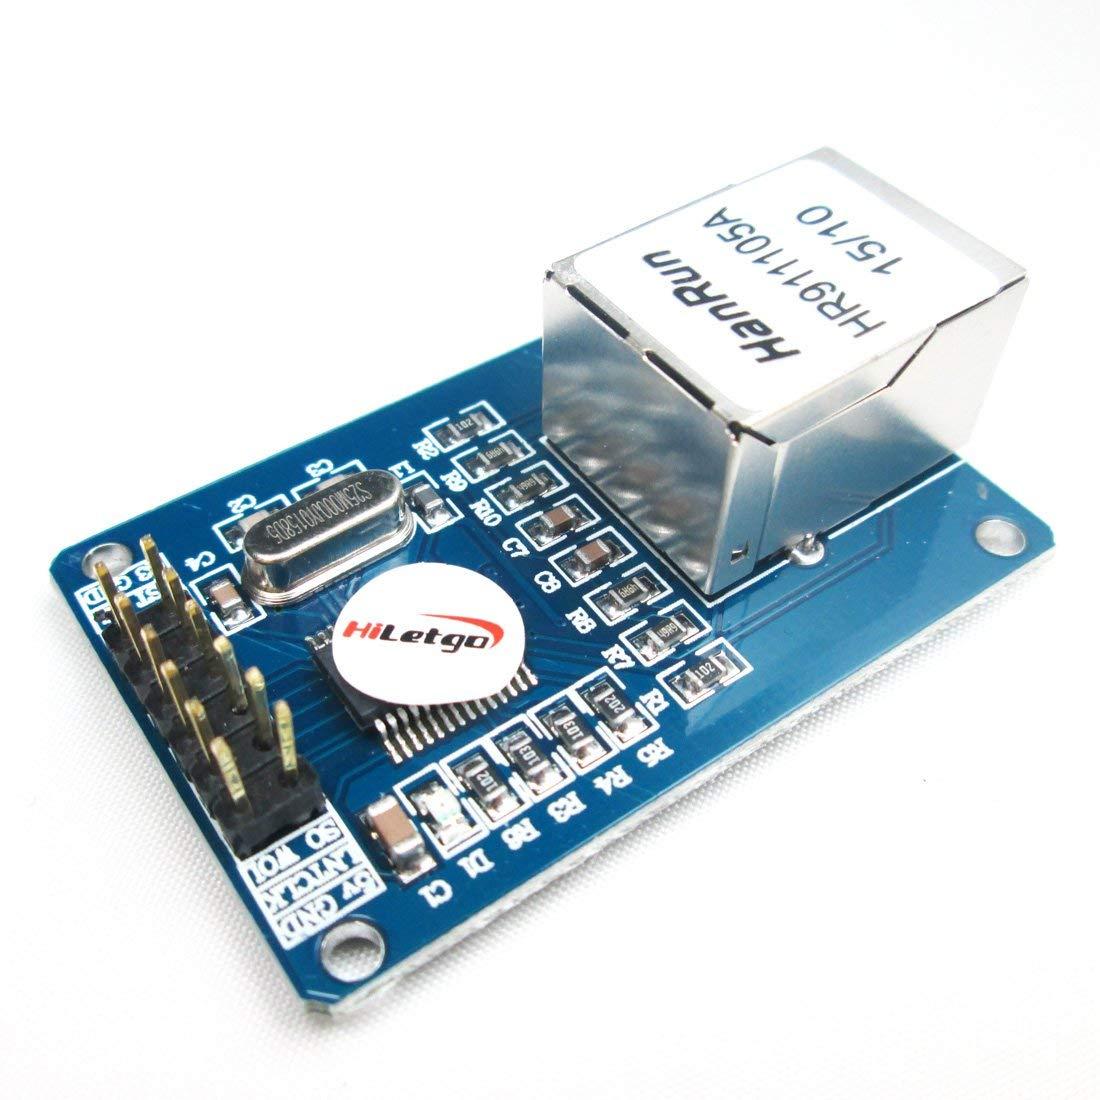 ENC28J60 Ethernet LAN Network Module For Arduino SPI AVR PIC LPC STM32